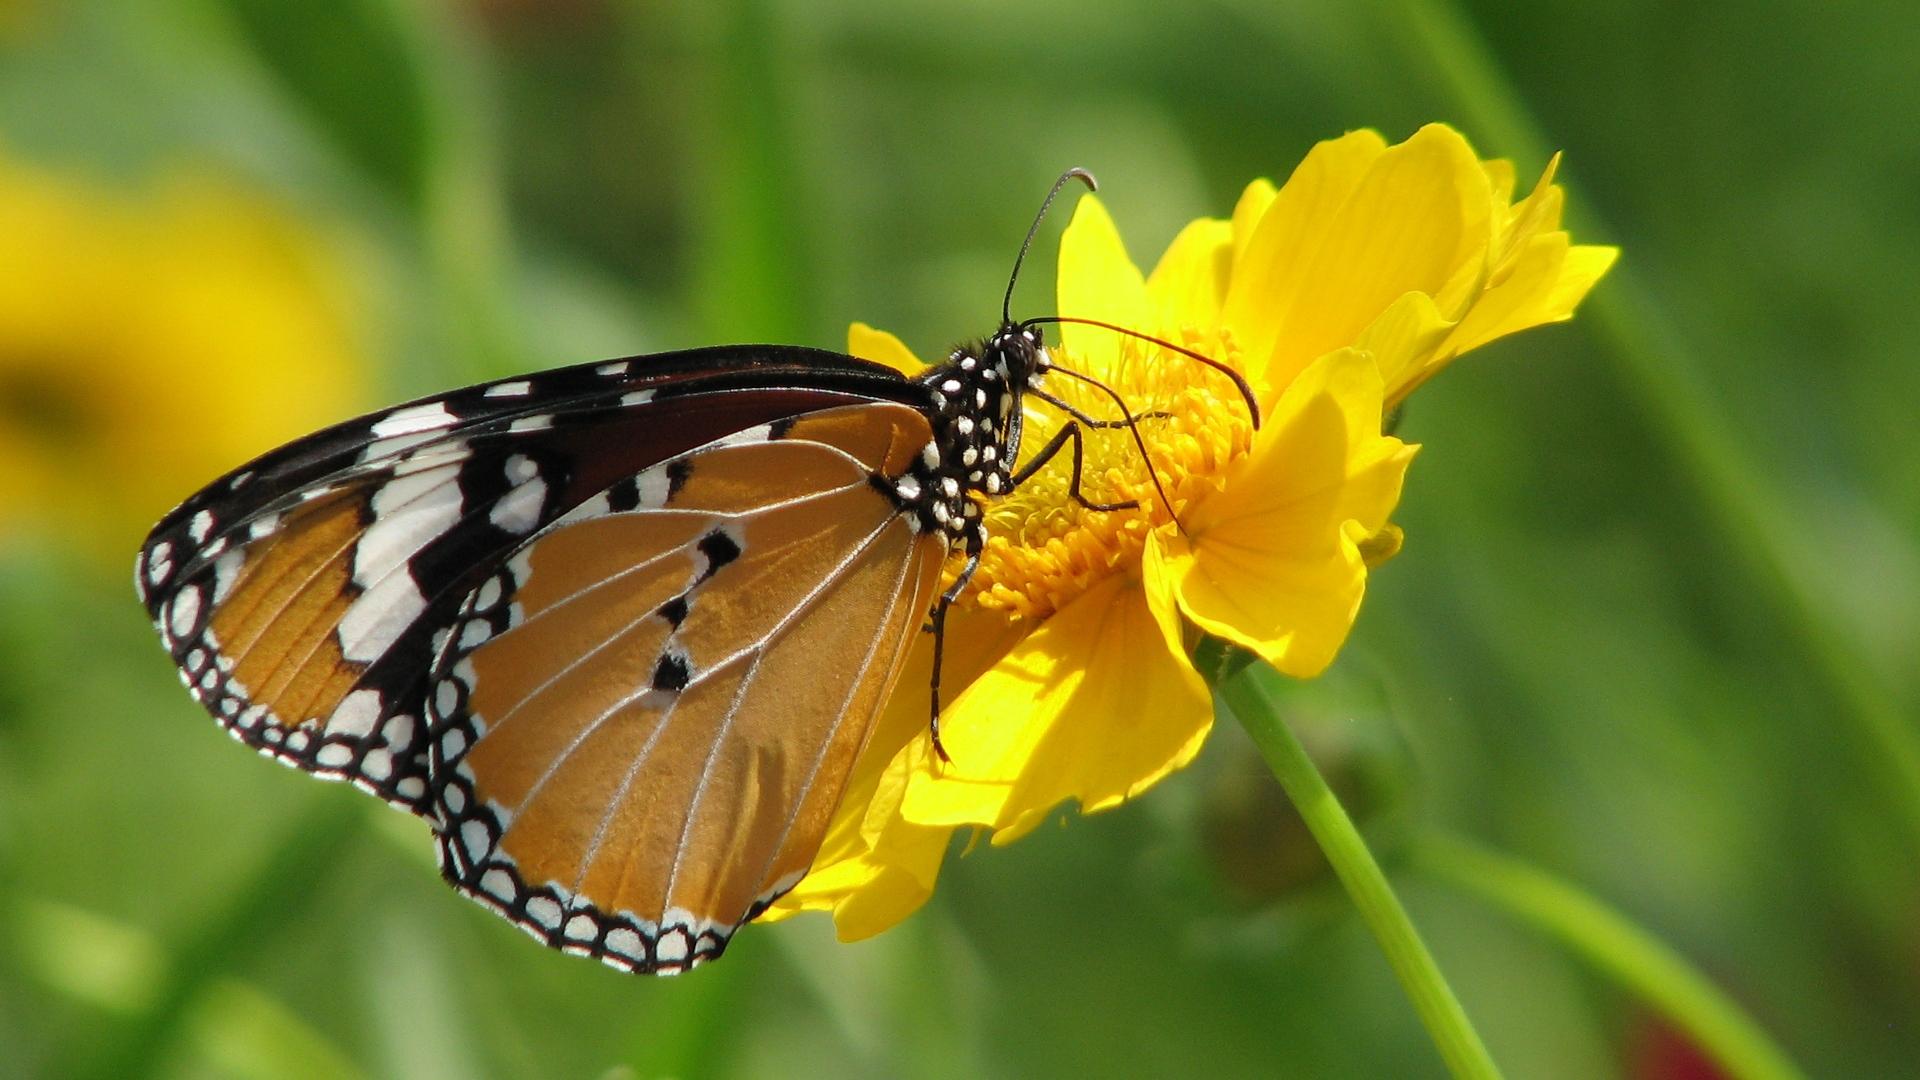 Hình nền mùa xuân hoa bướm đẹp